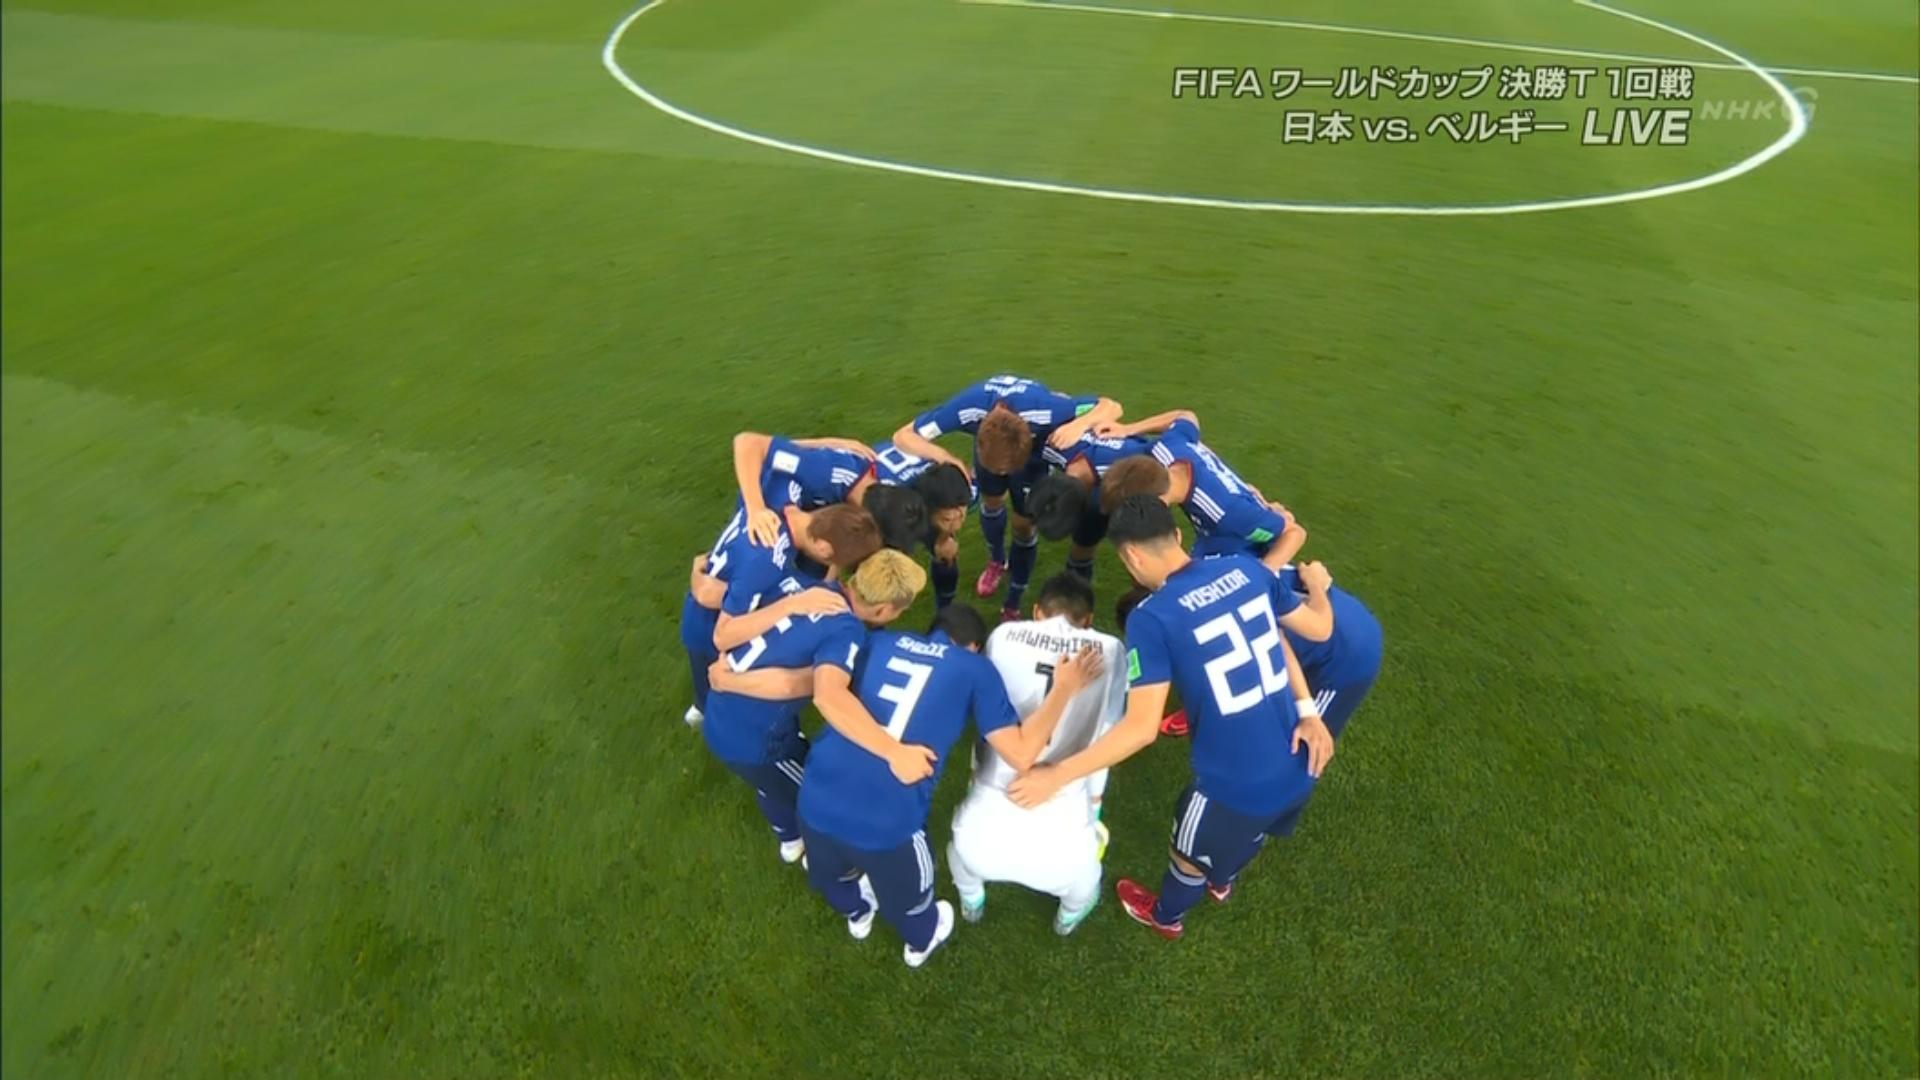 2018 FIFAワールドカップ  日本 vs ベルギー